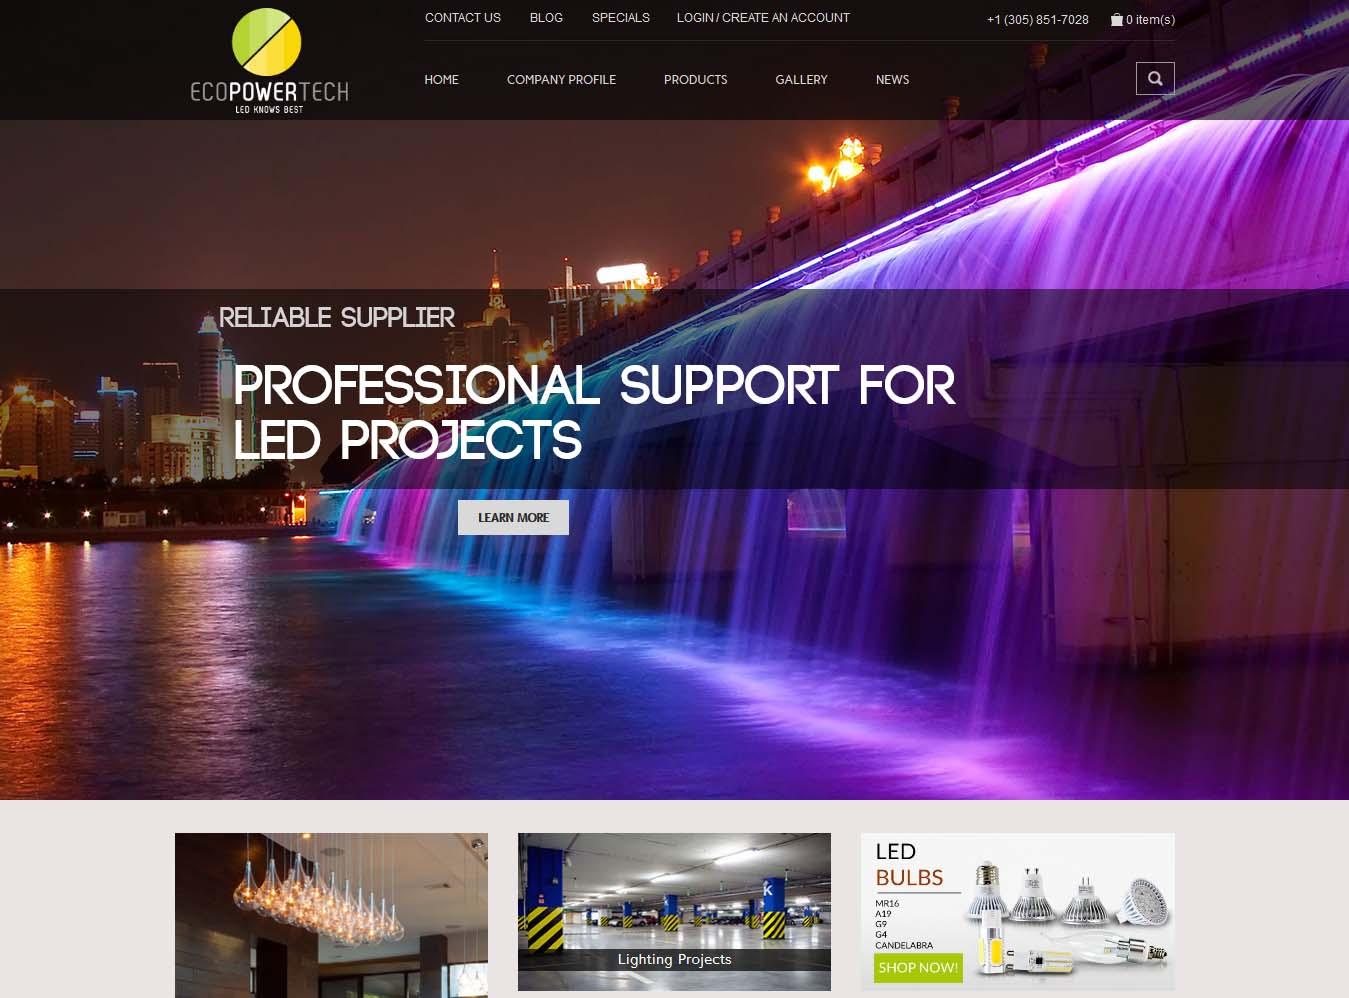 Ecopowertech